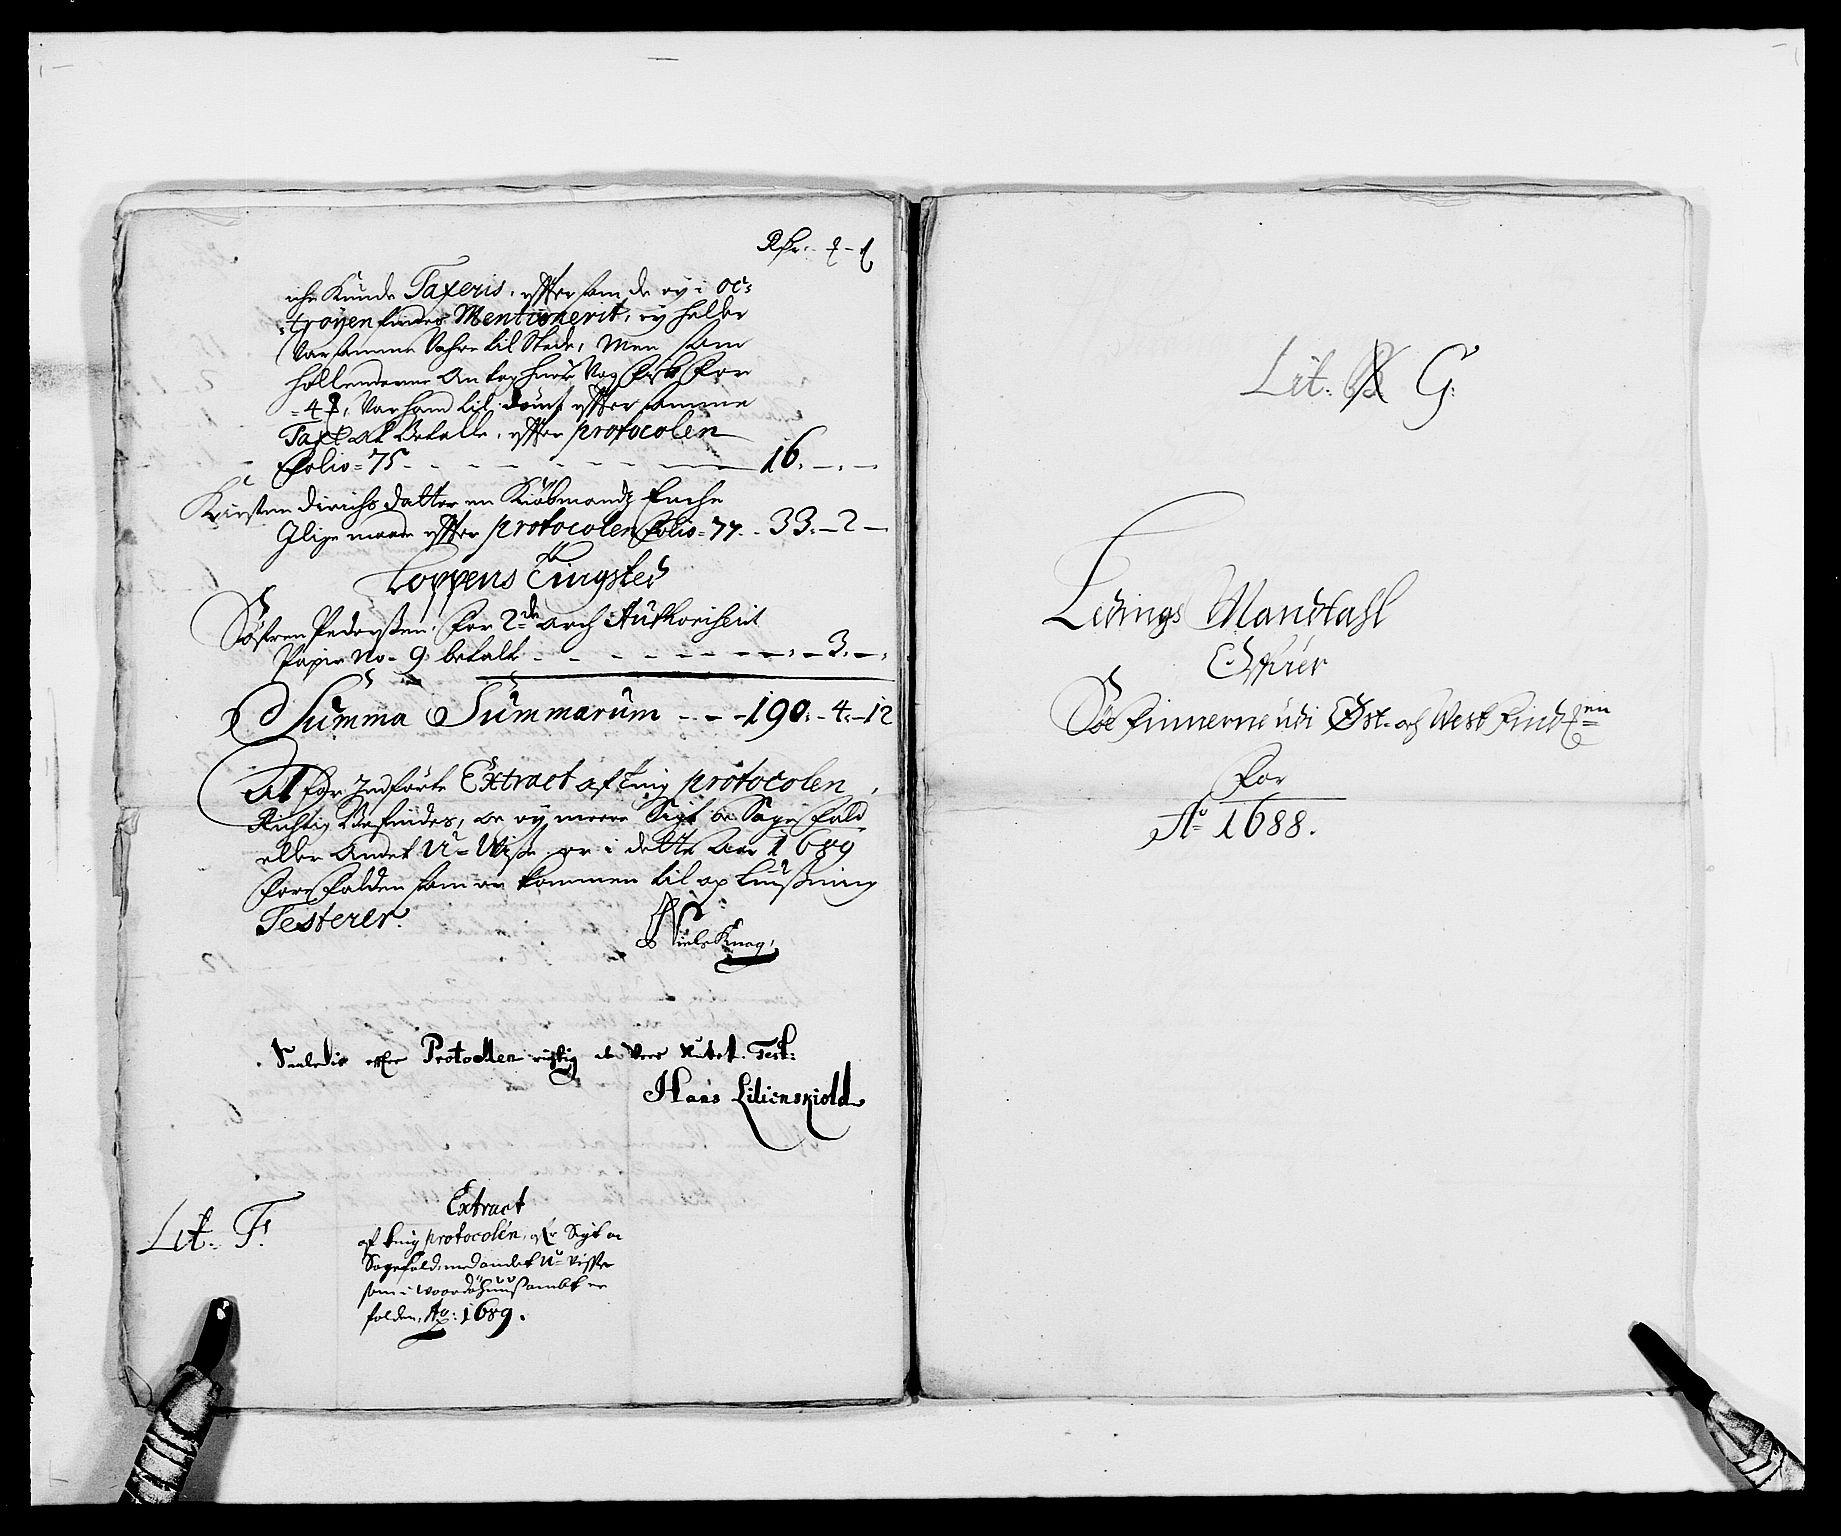 RA, Rentekammeret inntil 1814, Reviderte regnskaper, Fogderegnskap, R69/L4850: Fogderegnskap Finnmark/Vardøhus, 1680-1690, s. 181